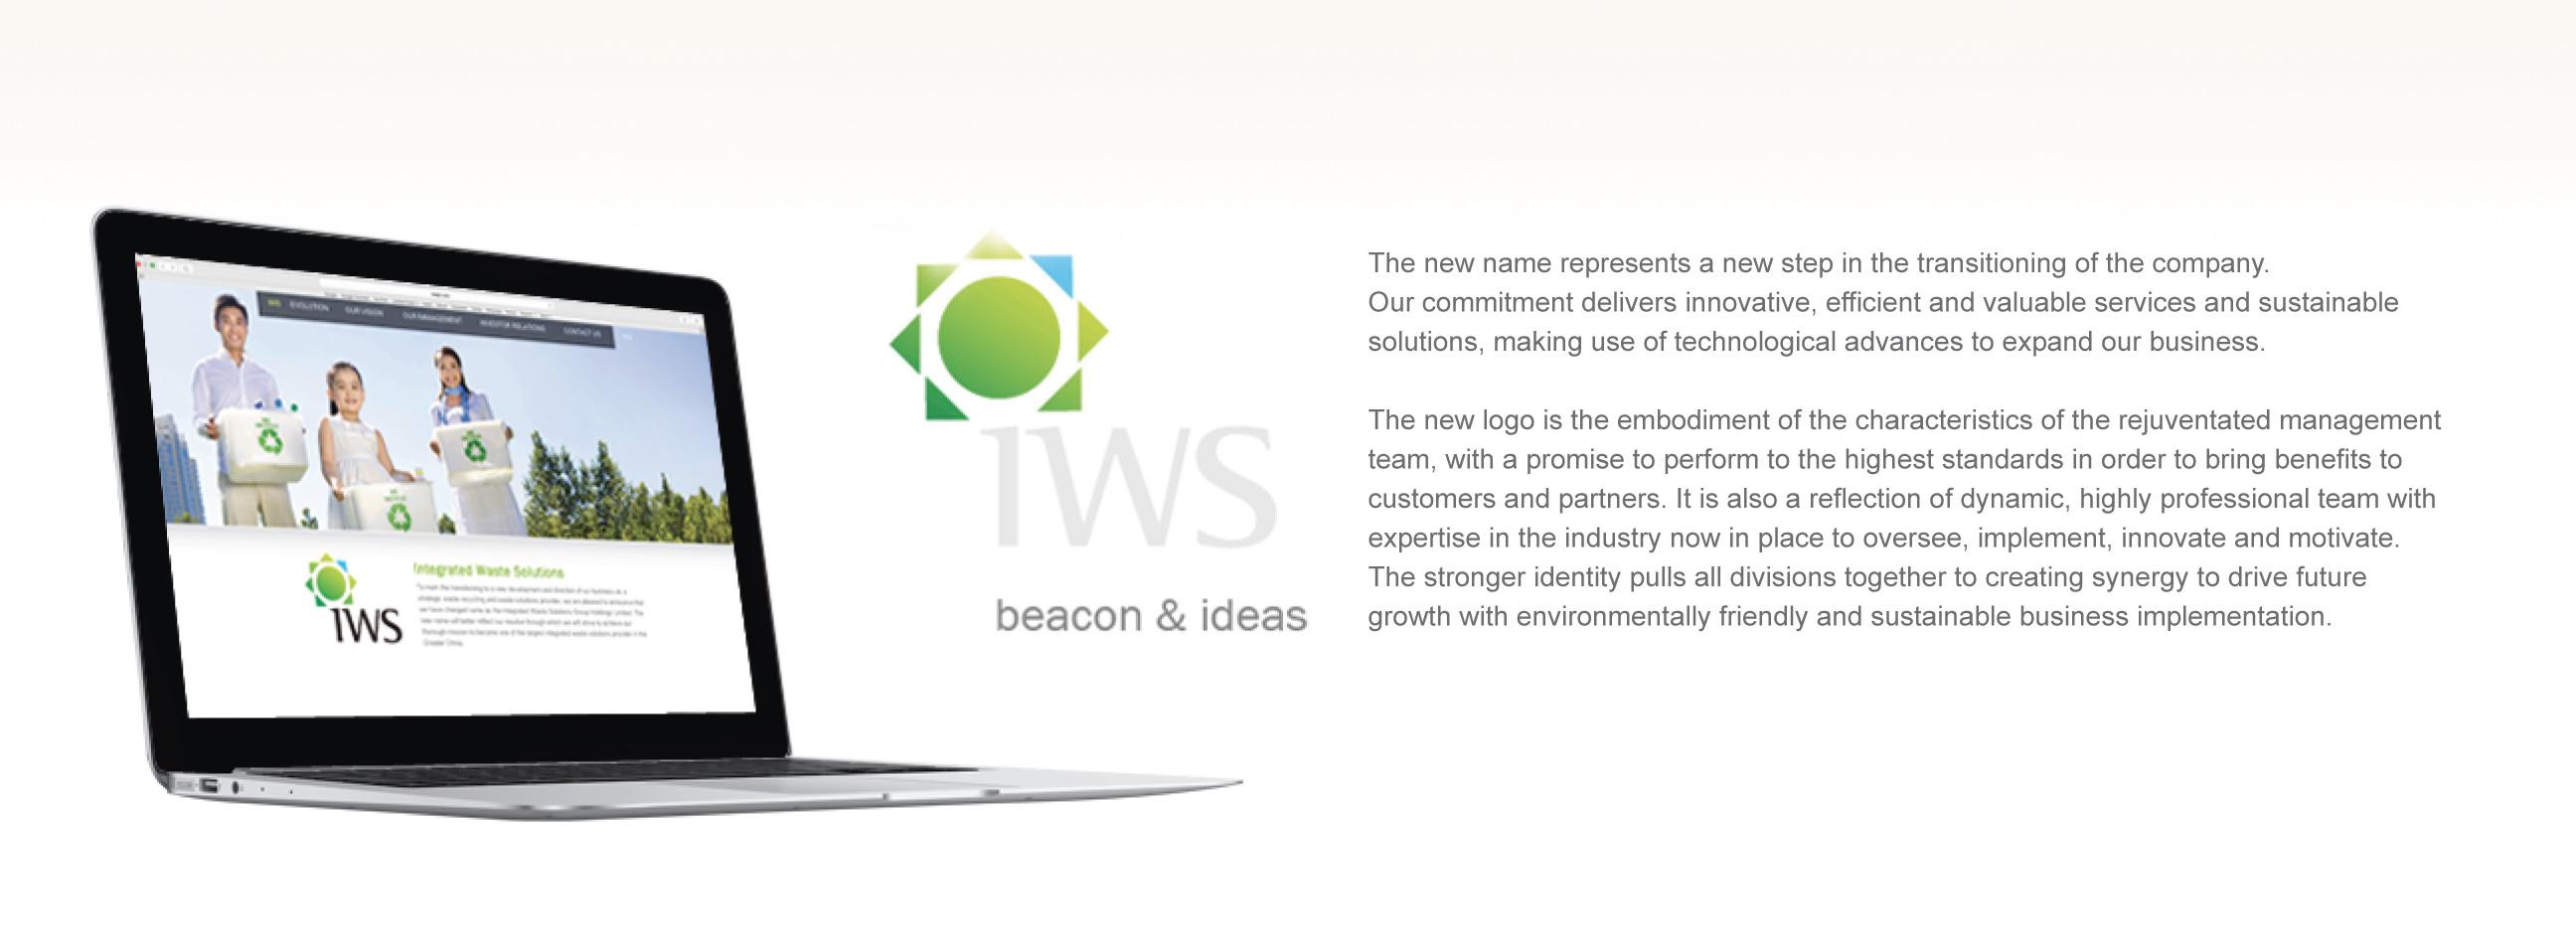 iws-4b